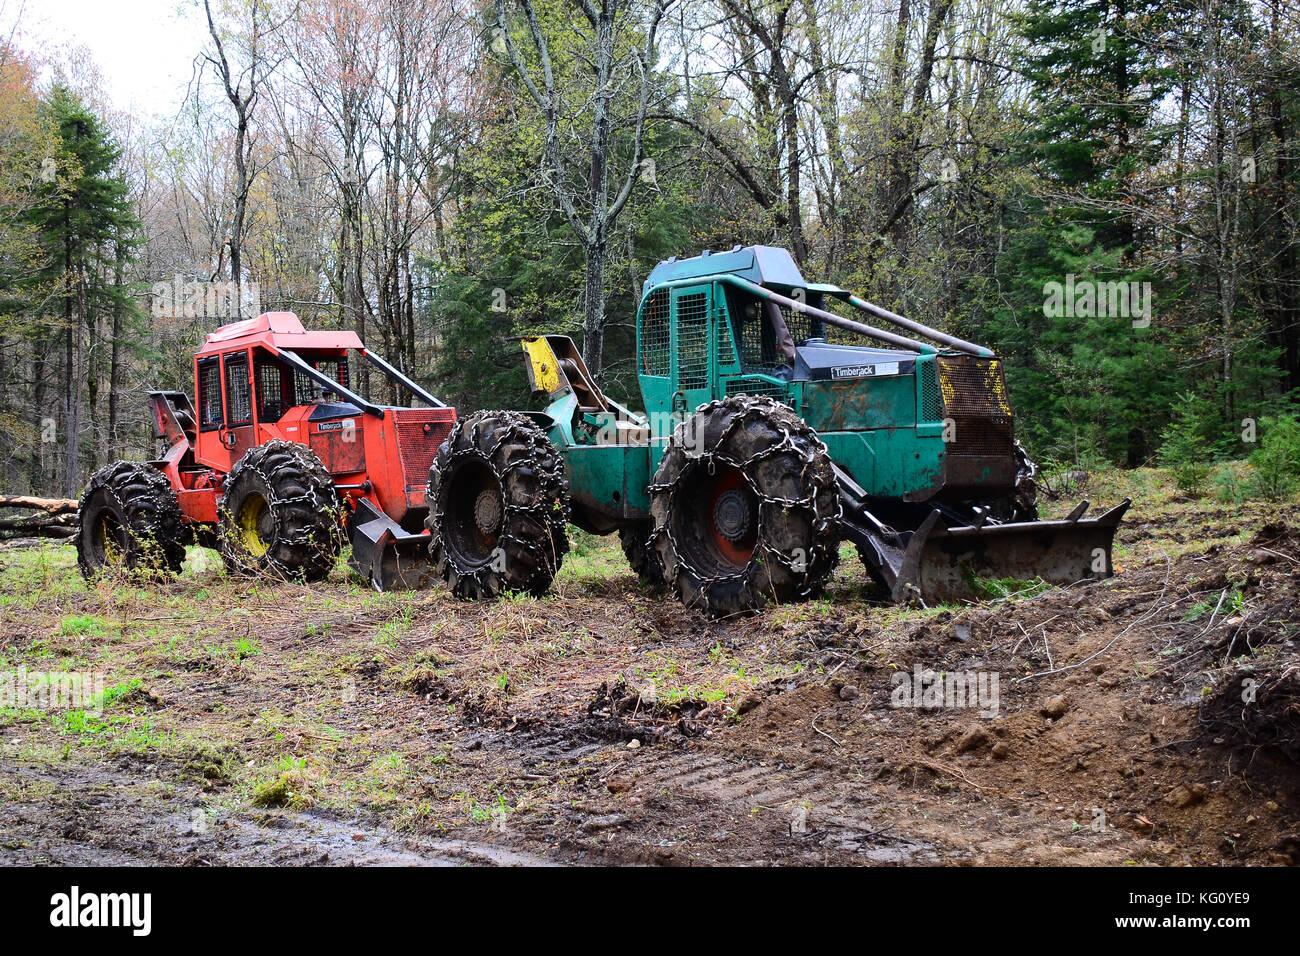 Tree skidder fotos tree skidder imagens de stock alamy dois timberjack log skidders estacionada em um log desembarque nas montanhas adirondack imagens de stock fandeluxe Gallery